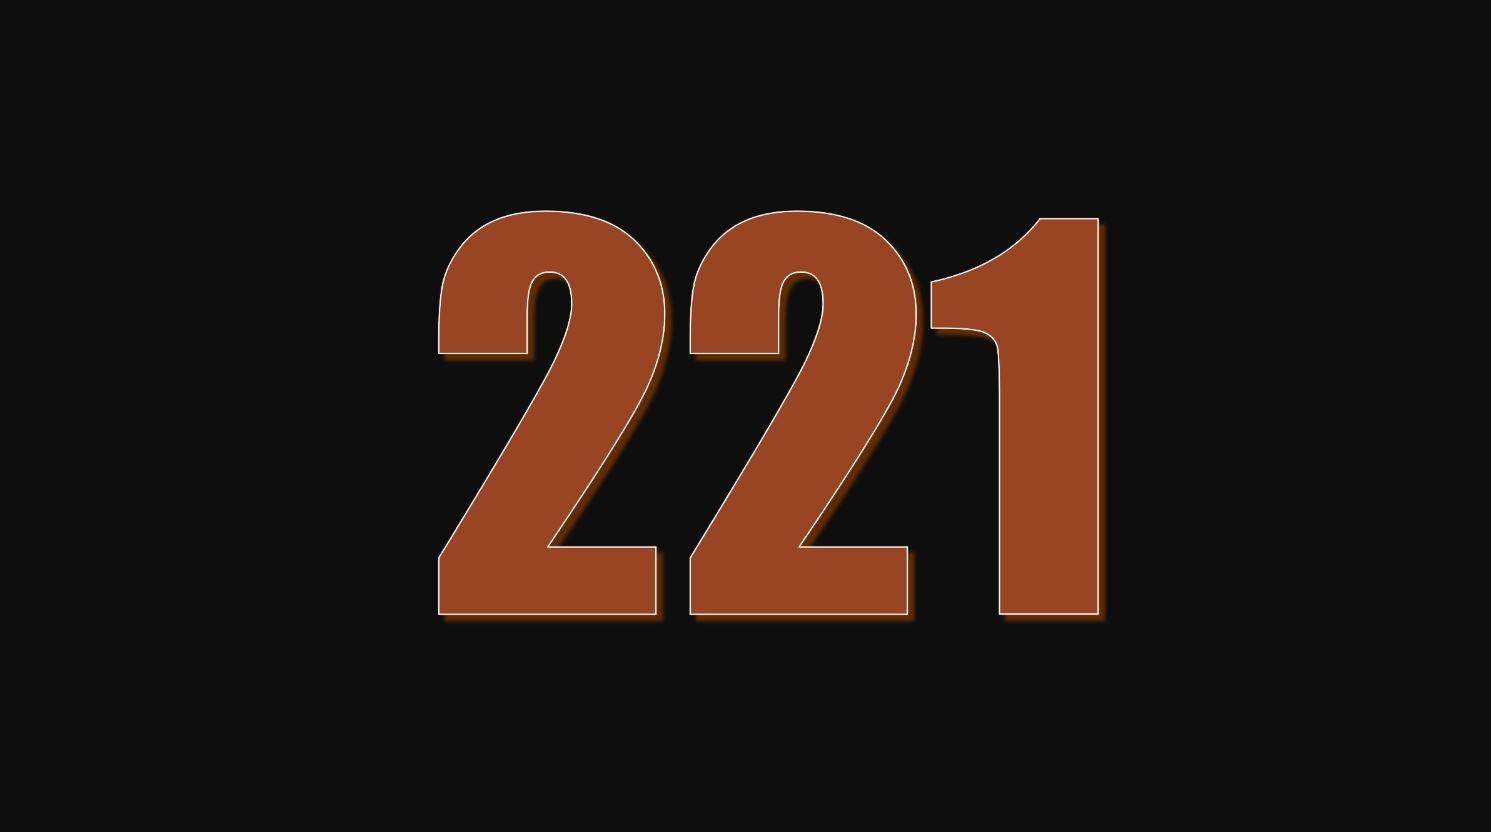 Il significato del numero 221